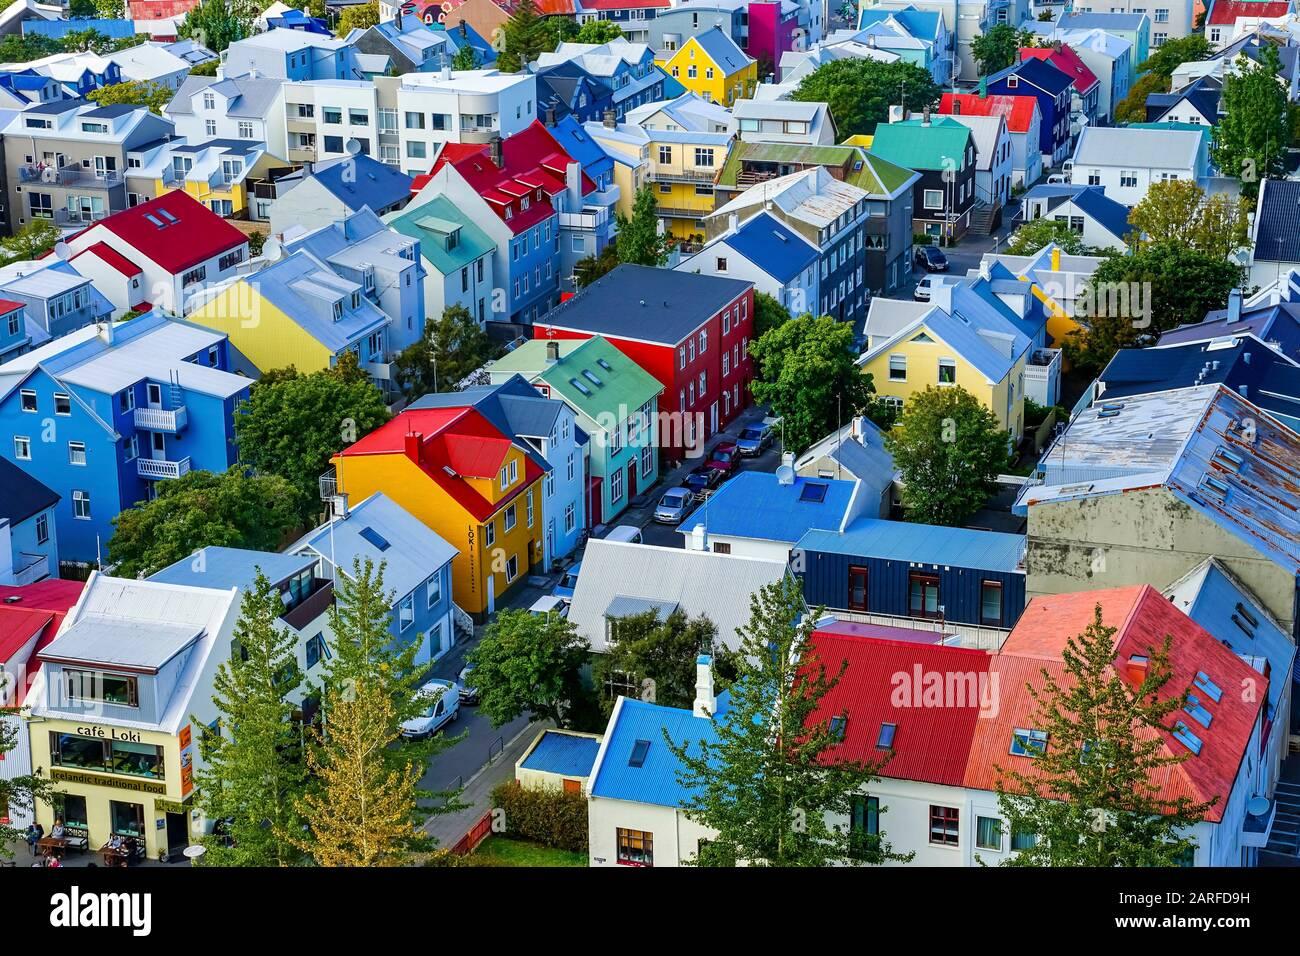 Maisons Rouges Et Vertes Colorées Jaune Voitures Rues Reykjavik Islande. La plupart des maisons sont en métal ondulé. Banque D'Images